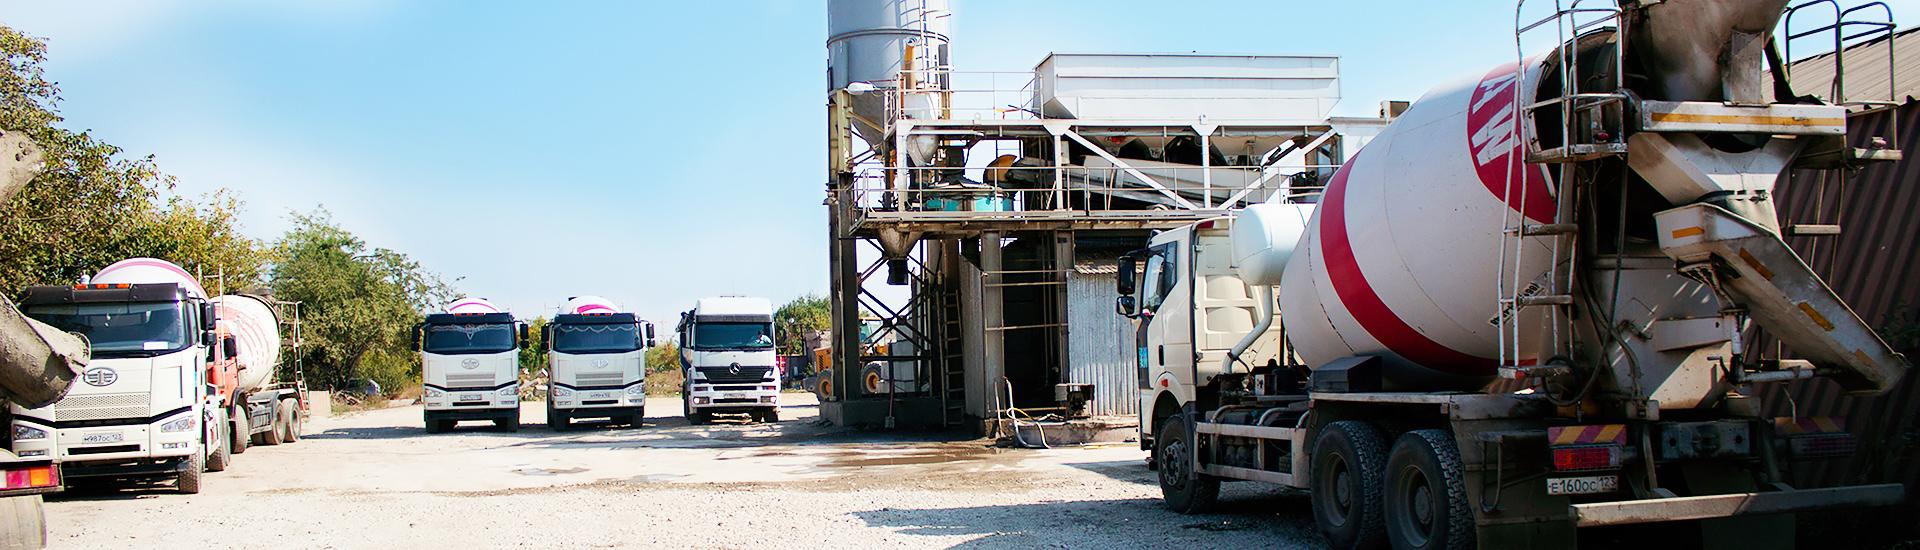 Бетон сервис краснодар проверка конуса бетона